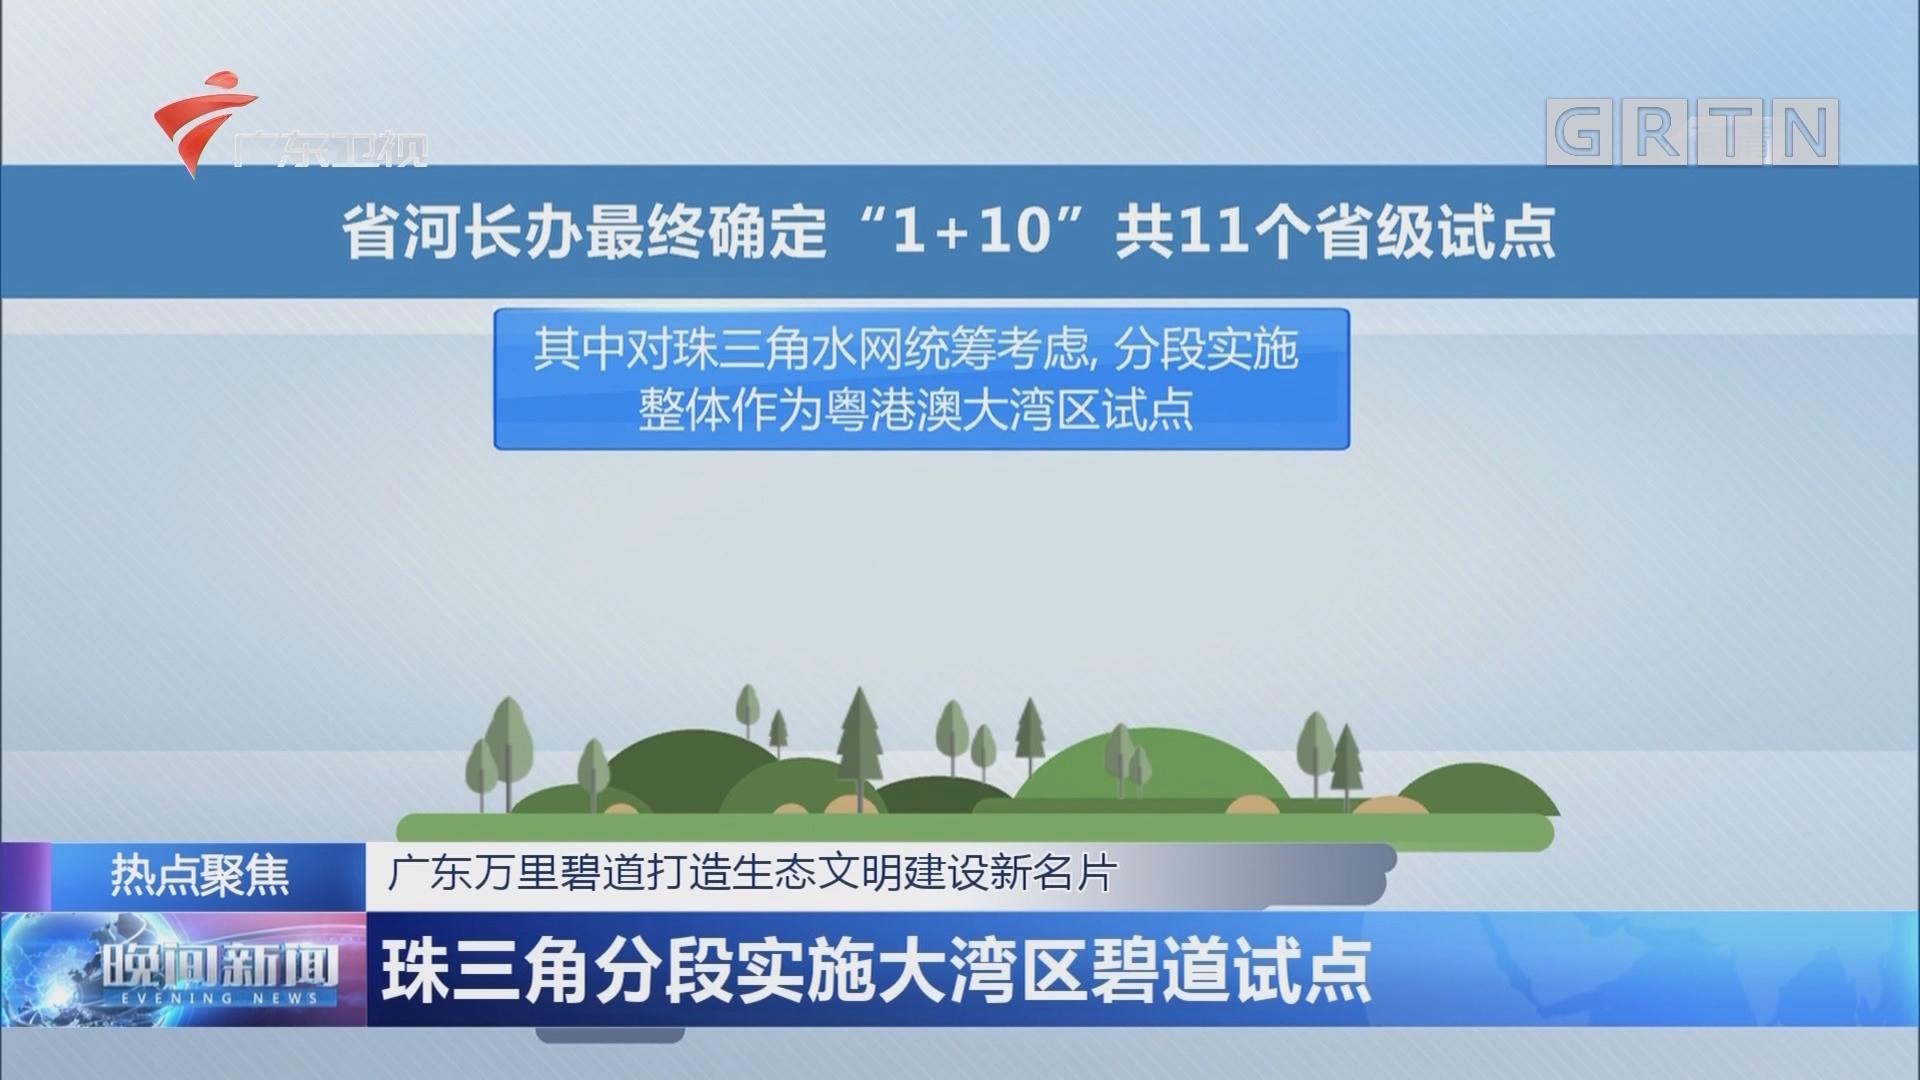 广东万里碧道打造生态文明建设新名片 珠三角分段实施大湾区碧道试点